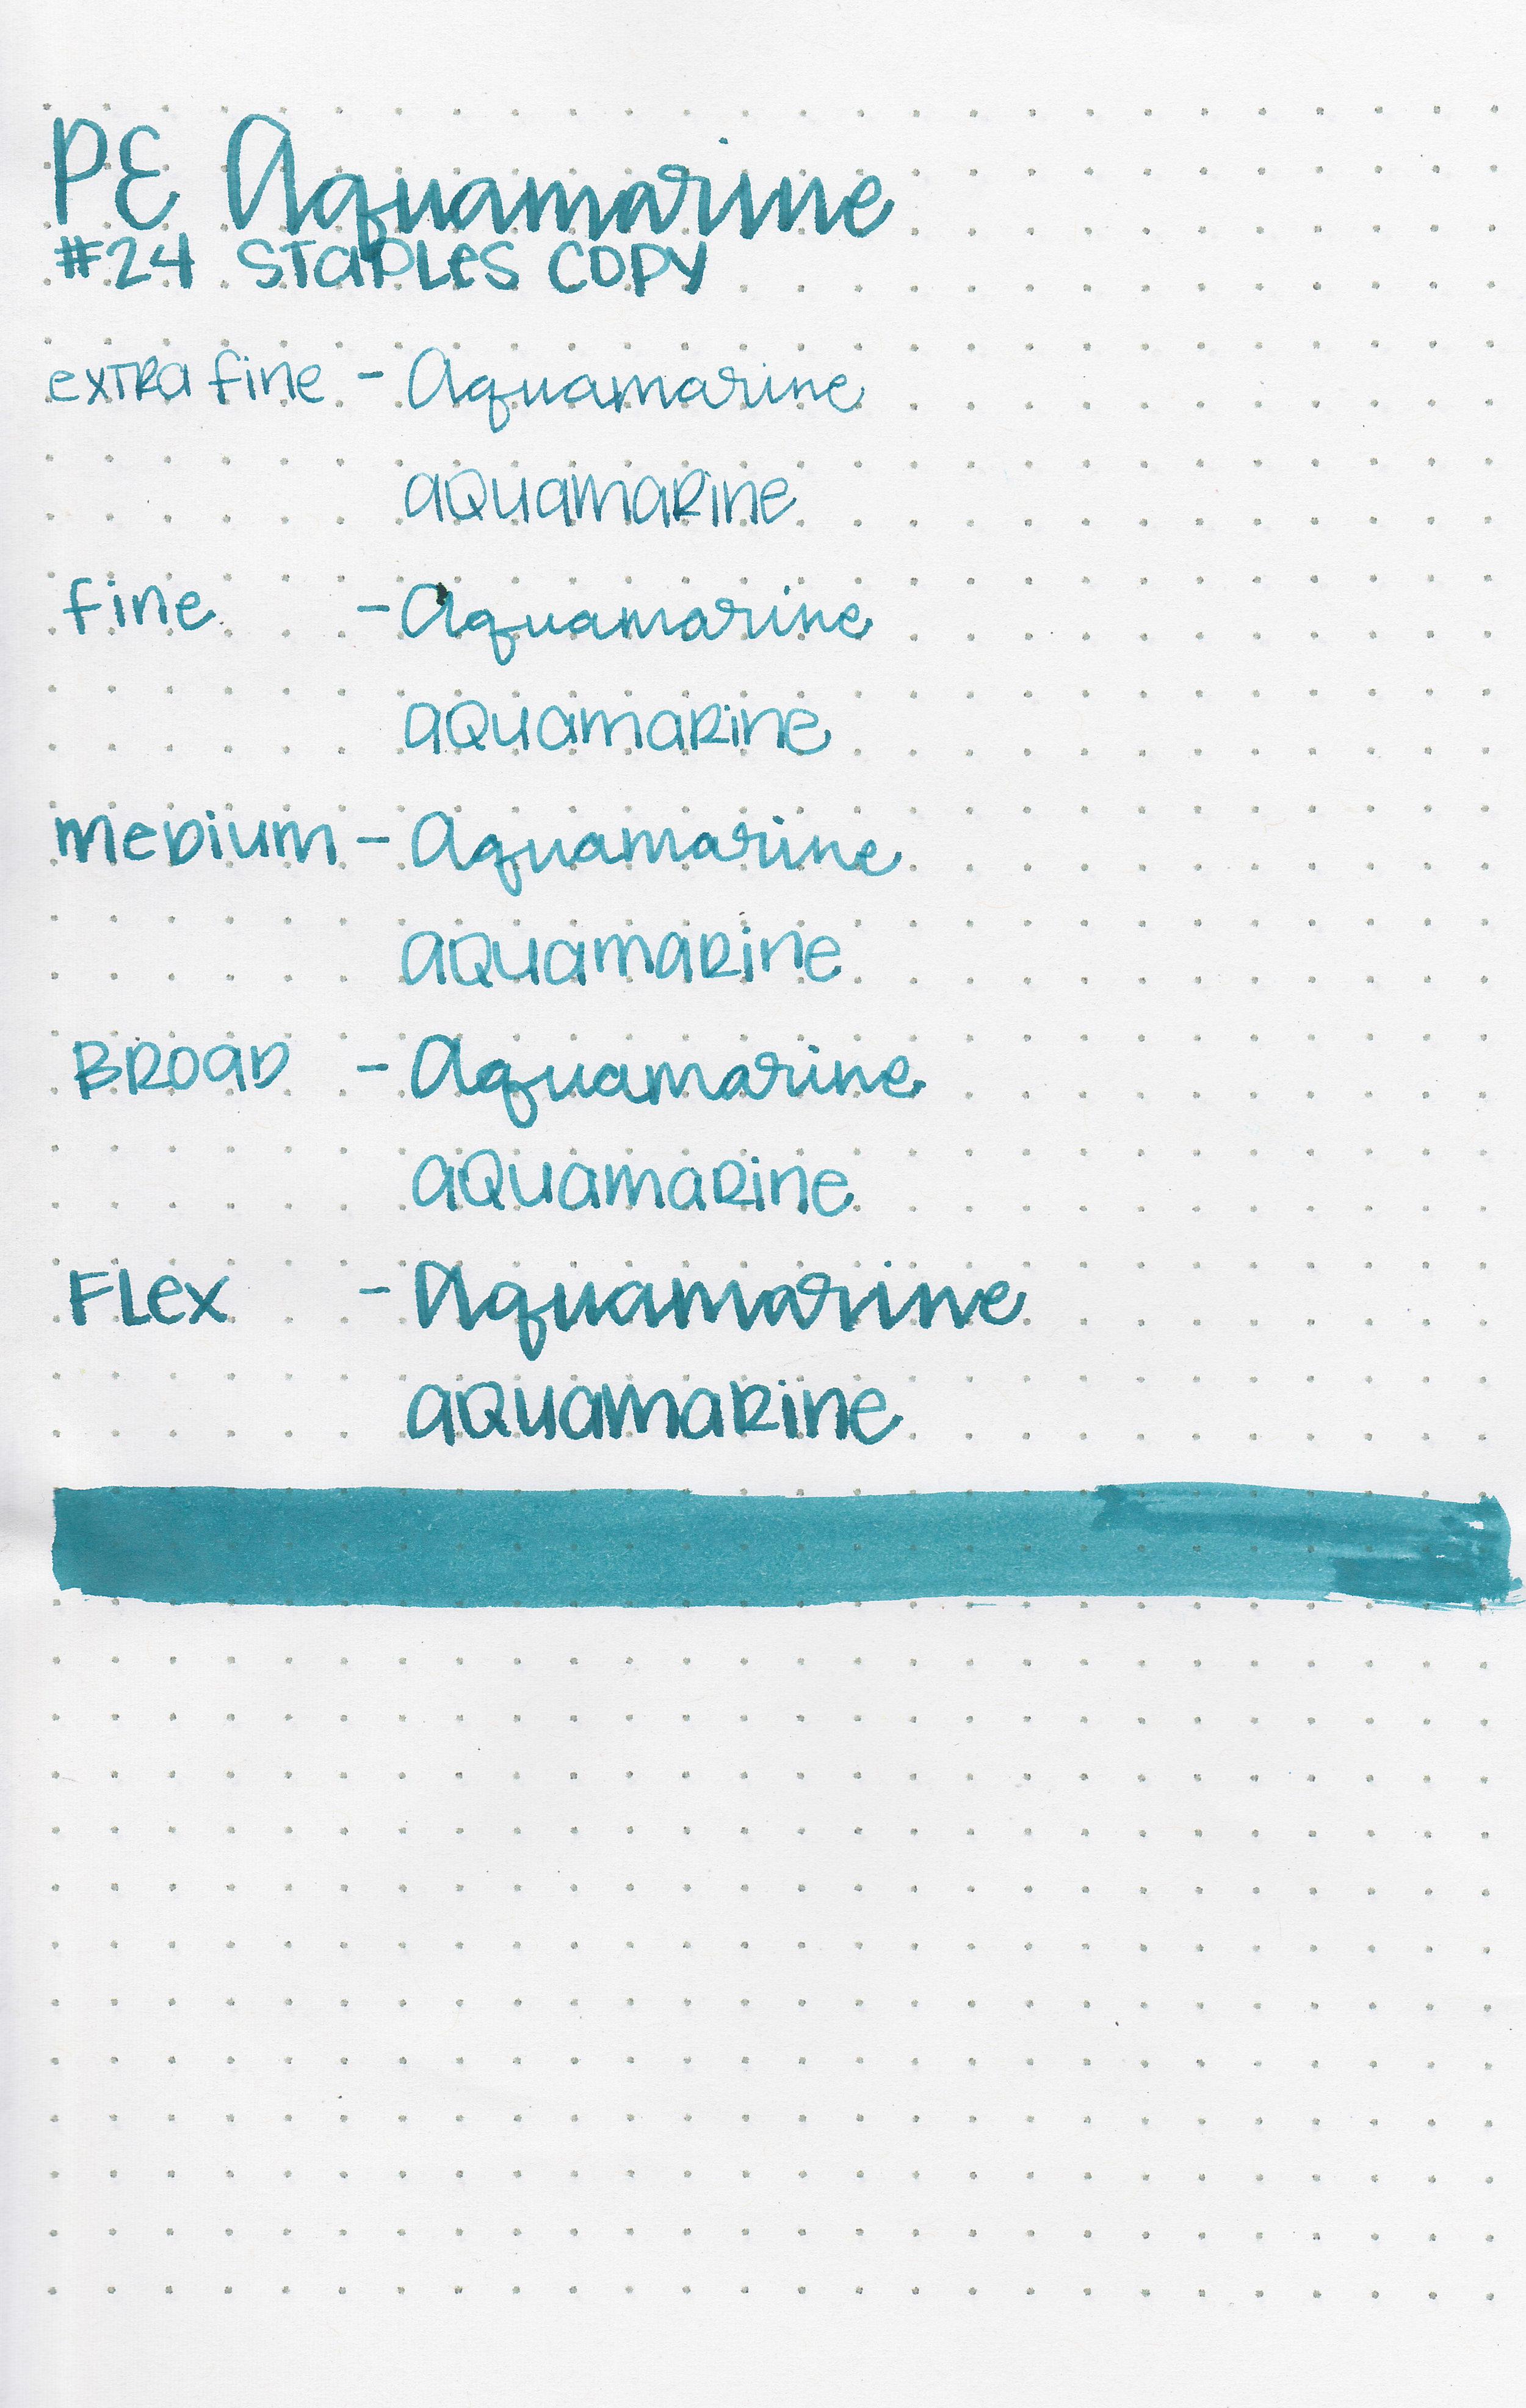 pe-aquamarine-11.jpg